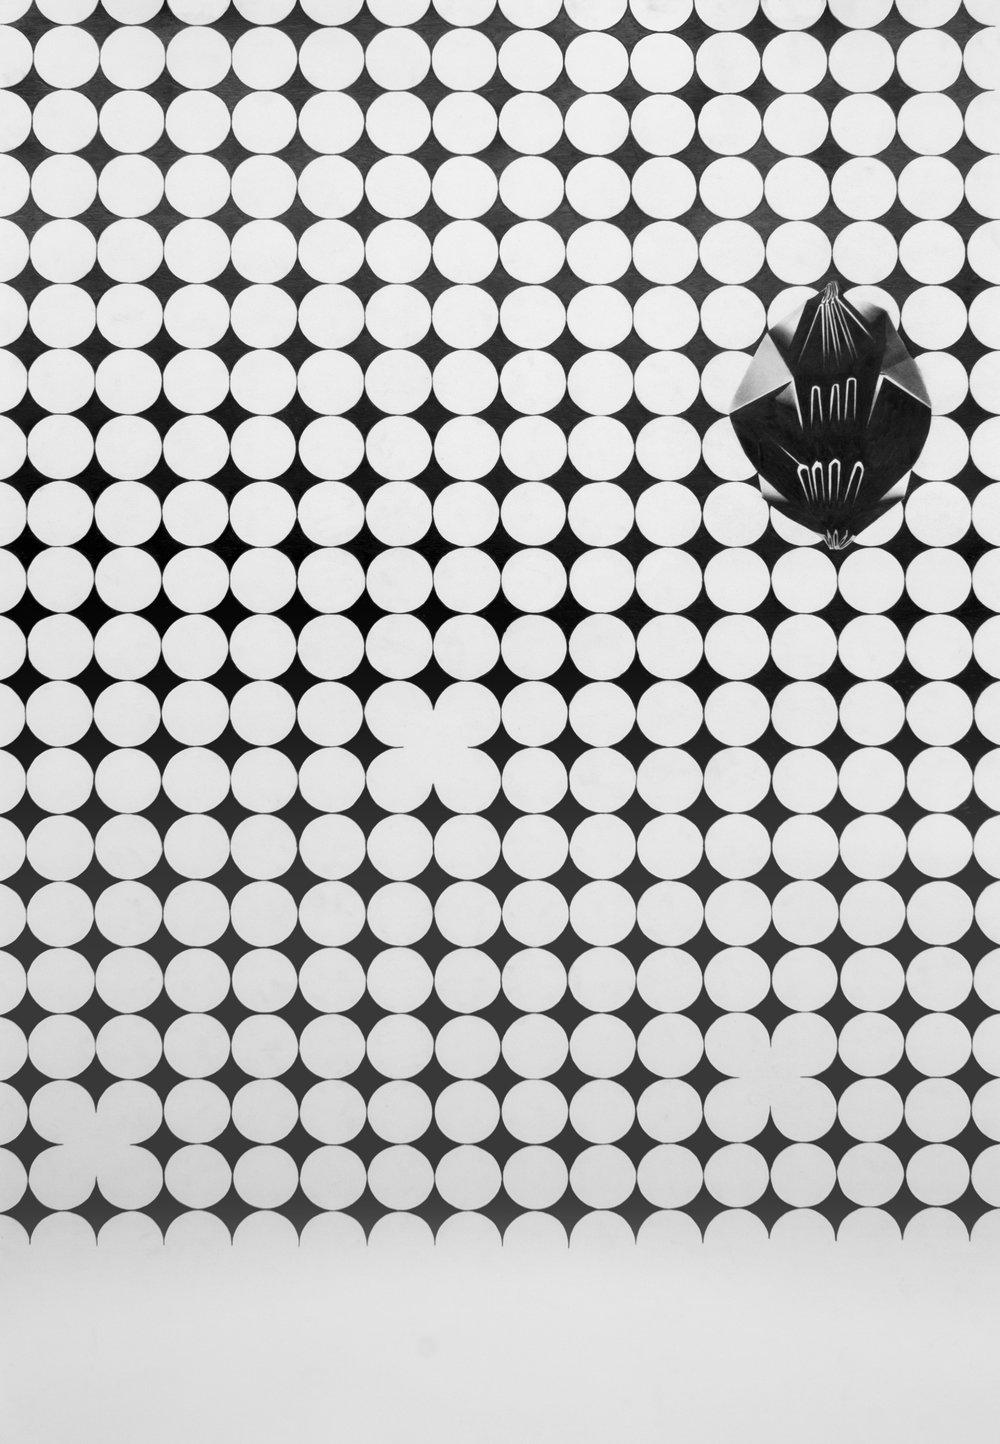 PCL2016_Replis sur losange noir.jpg